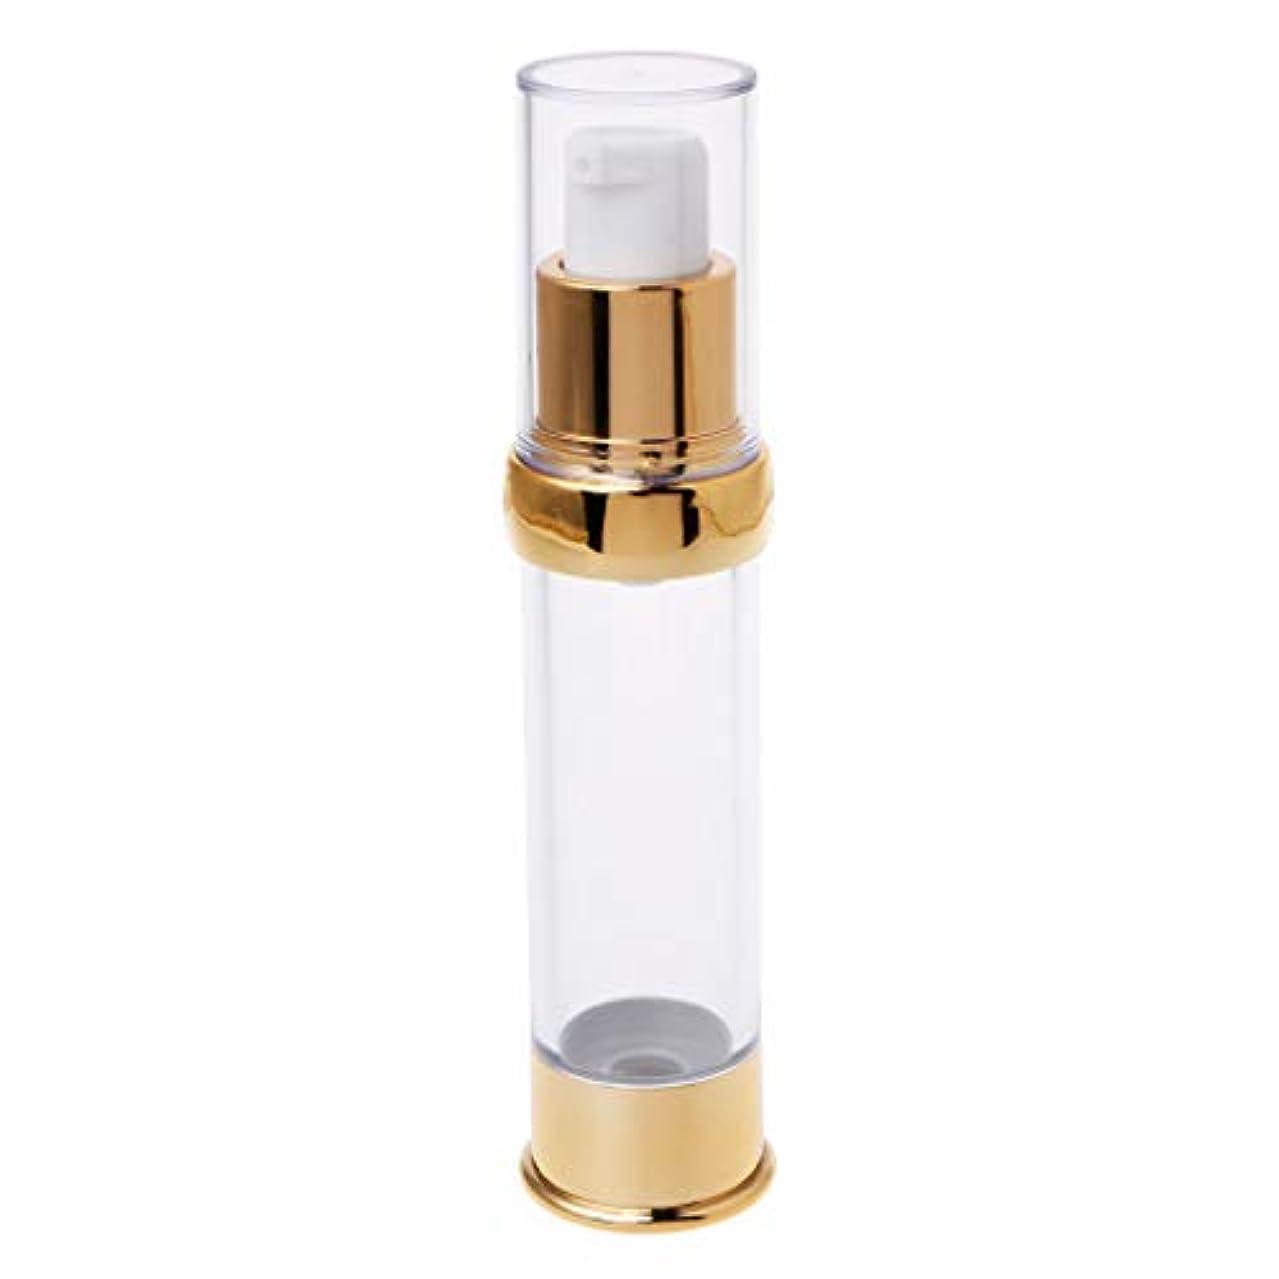 研磨剤原因労働Dabixx トラベルエアレスボトルポンプ空スプレー化粧品真空ローションボトル15/20/30ミリリットル - ゴールド2